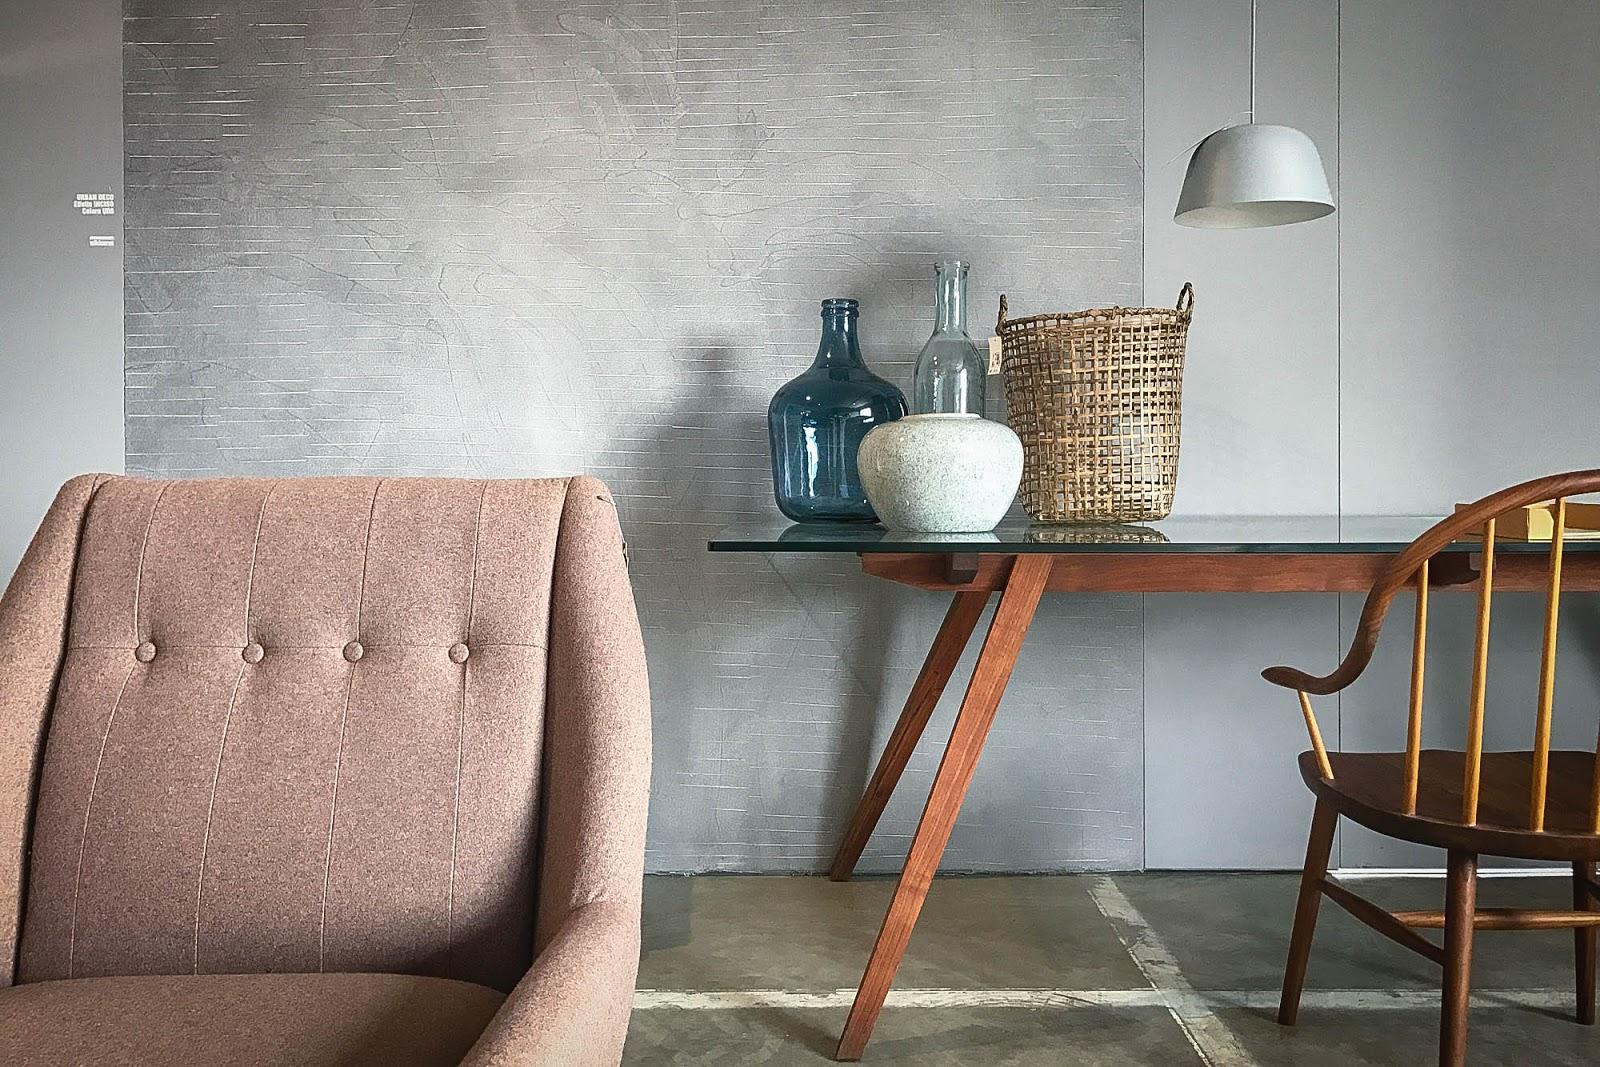 Pittura Effetto Cemento Grezzo : Parete effetto cemento grezzo. pittura particolare per pareti